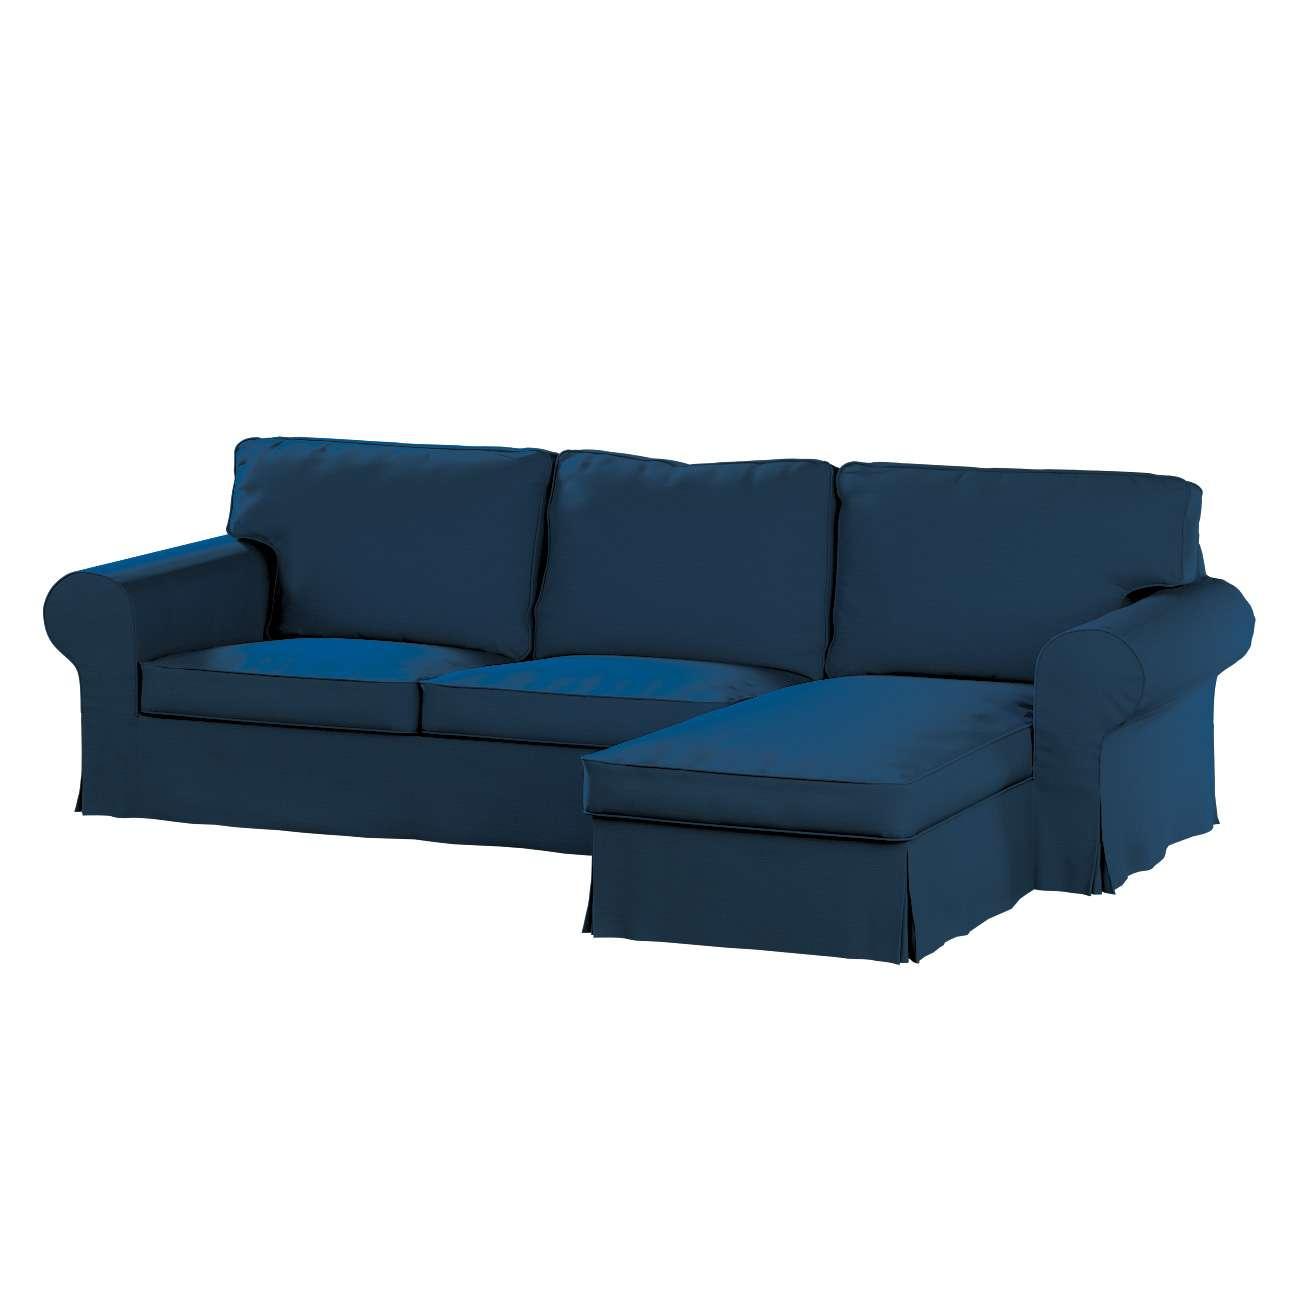 Pokrowiec na sofę Ektorp 2-osobową i leżankę sofa ektorp 2-os. i leżanka w kolekcji Cotton Panama, tkanina: 702-30